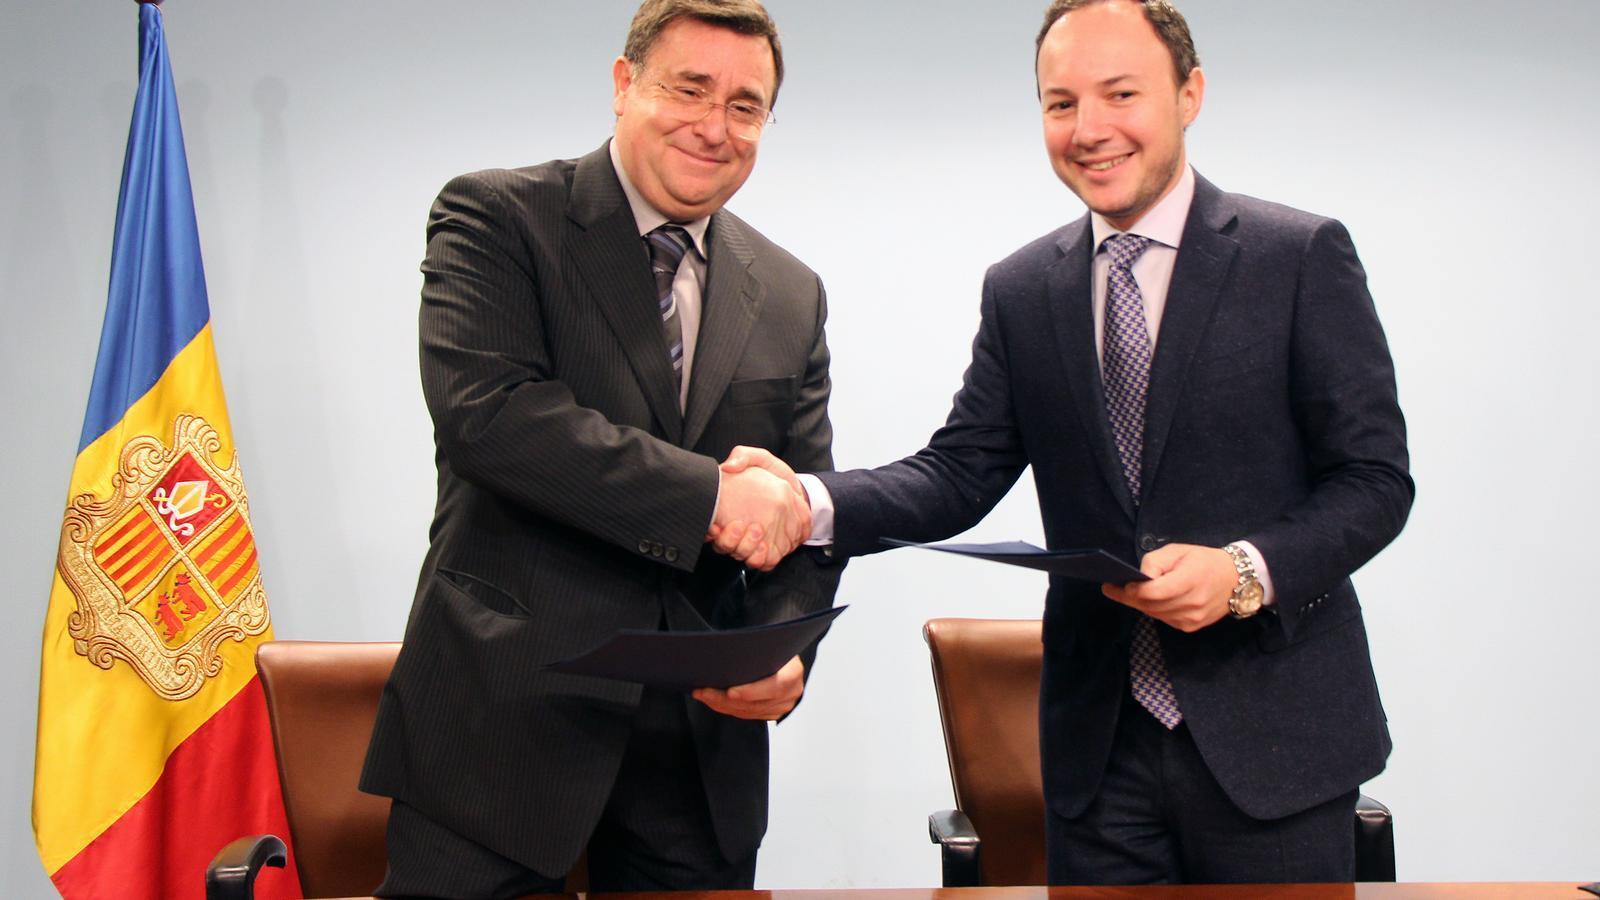 El president de la Comissió Gestora del Fons de reserva de jubilació de la CASS, Josep Delgado, i el ministre d'Afers Socials, Justícia i Interior, Xavier Espot, signen l'acord d'arrendament de l'edifici de l'antiga residència del Solà d'Enclar.